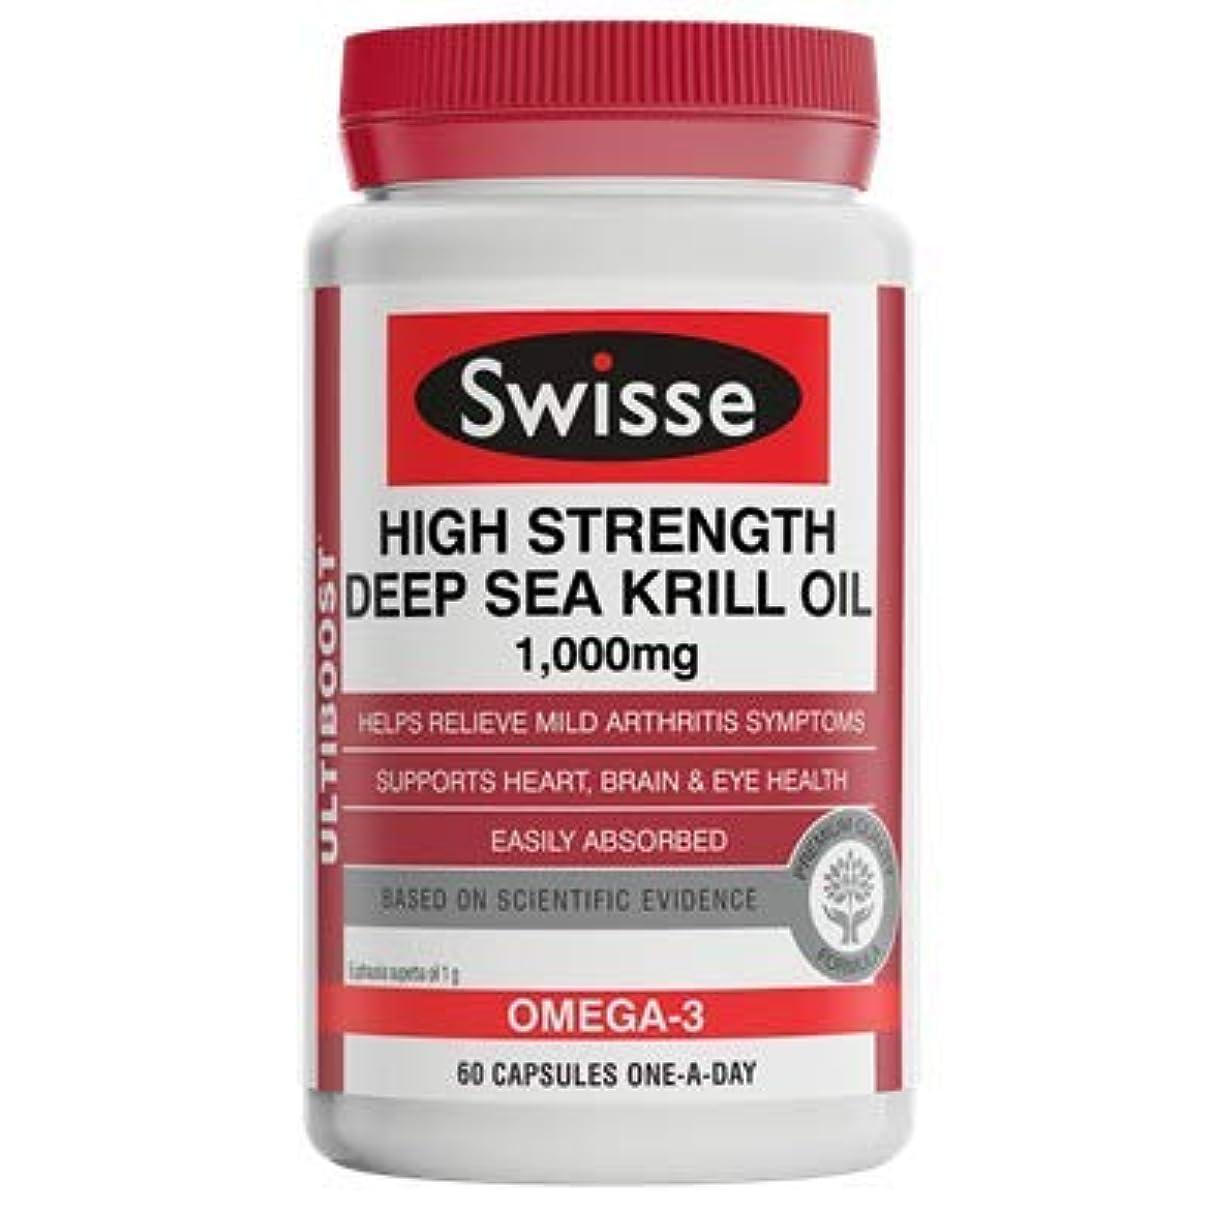 思い出会議出身地Swisse アルティブースト 高強度深海オキアミオイル1000mg 60カプセル [海外直送品] [並行輸入品]